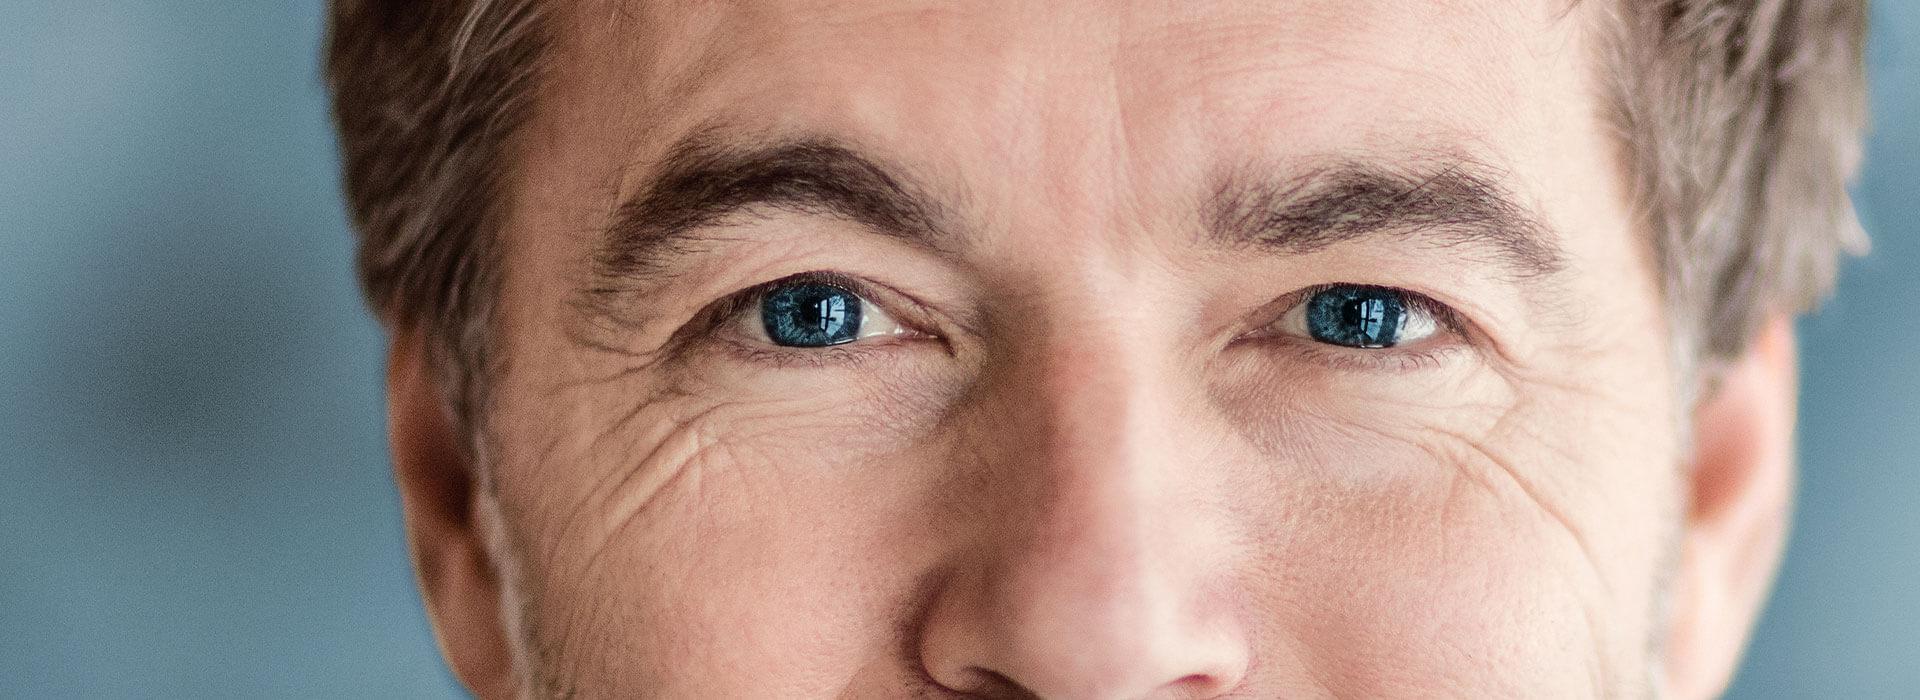 Neue Augen Alterssichtigkeit lasern